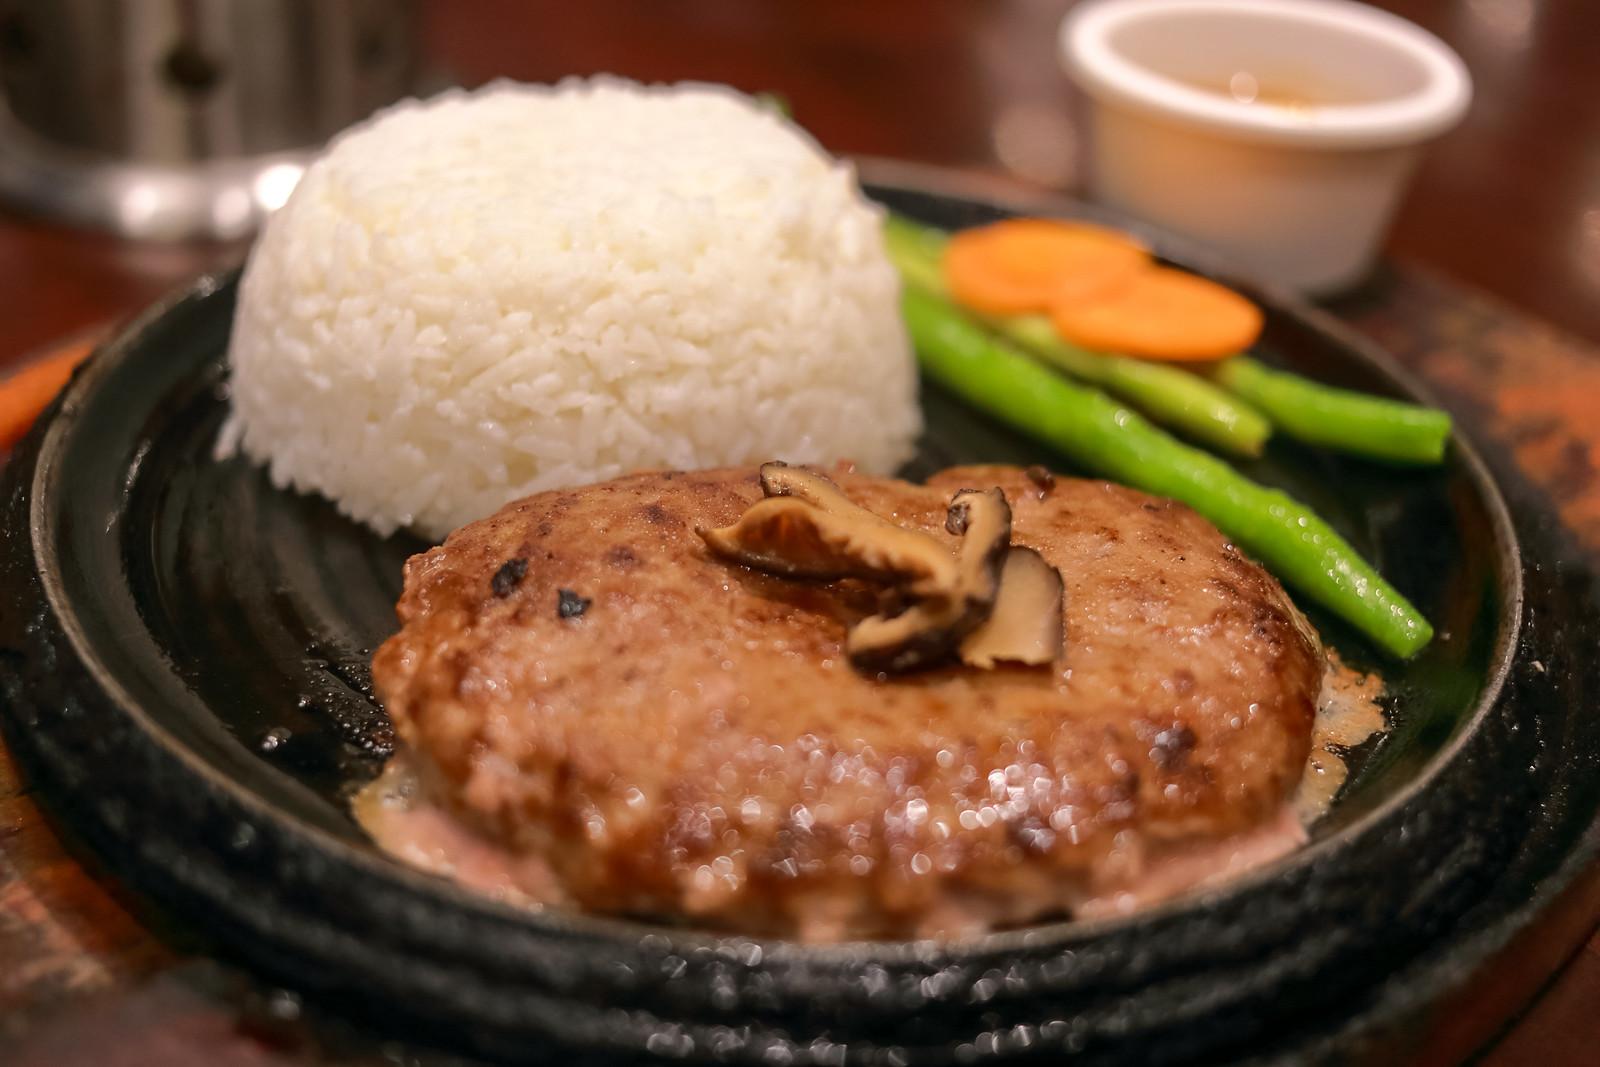 Sizzlin' Burger Steak